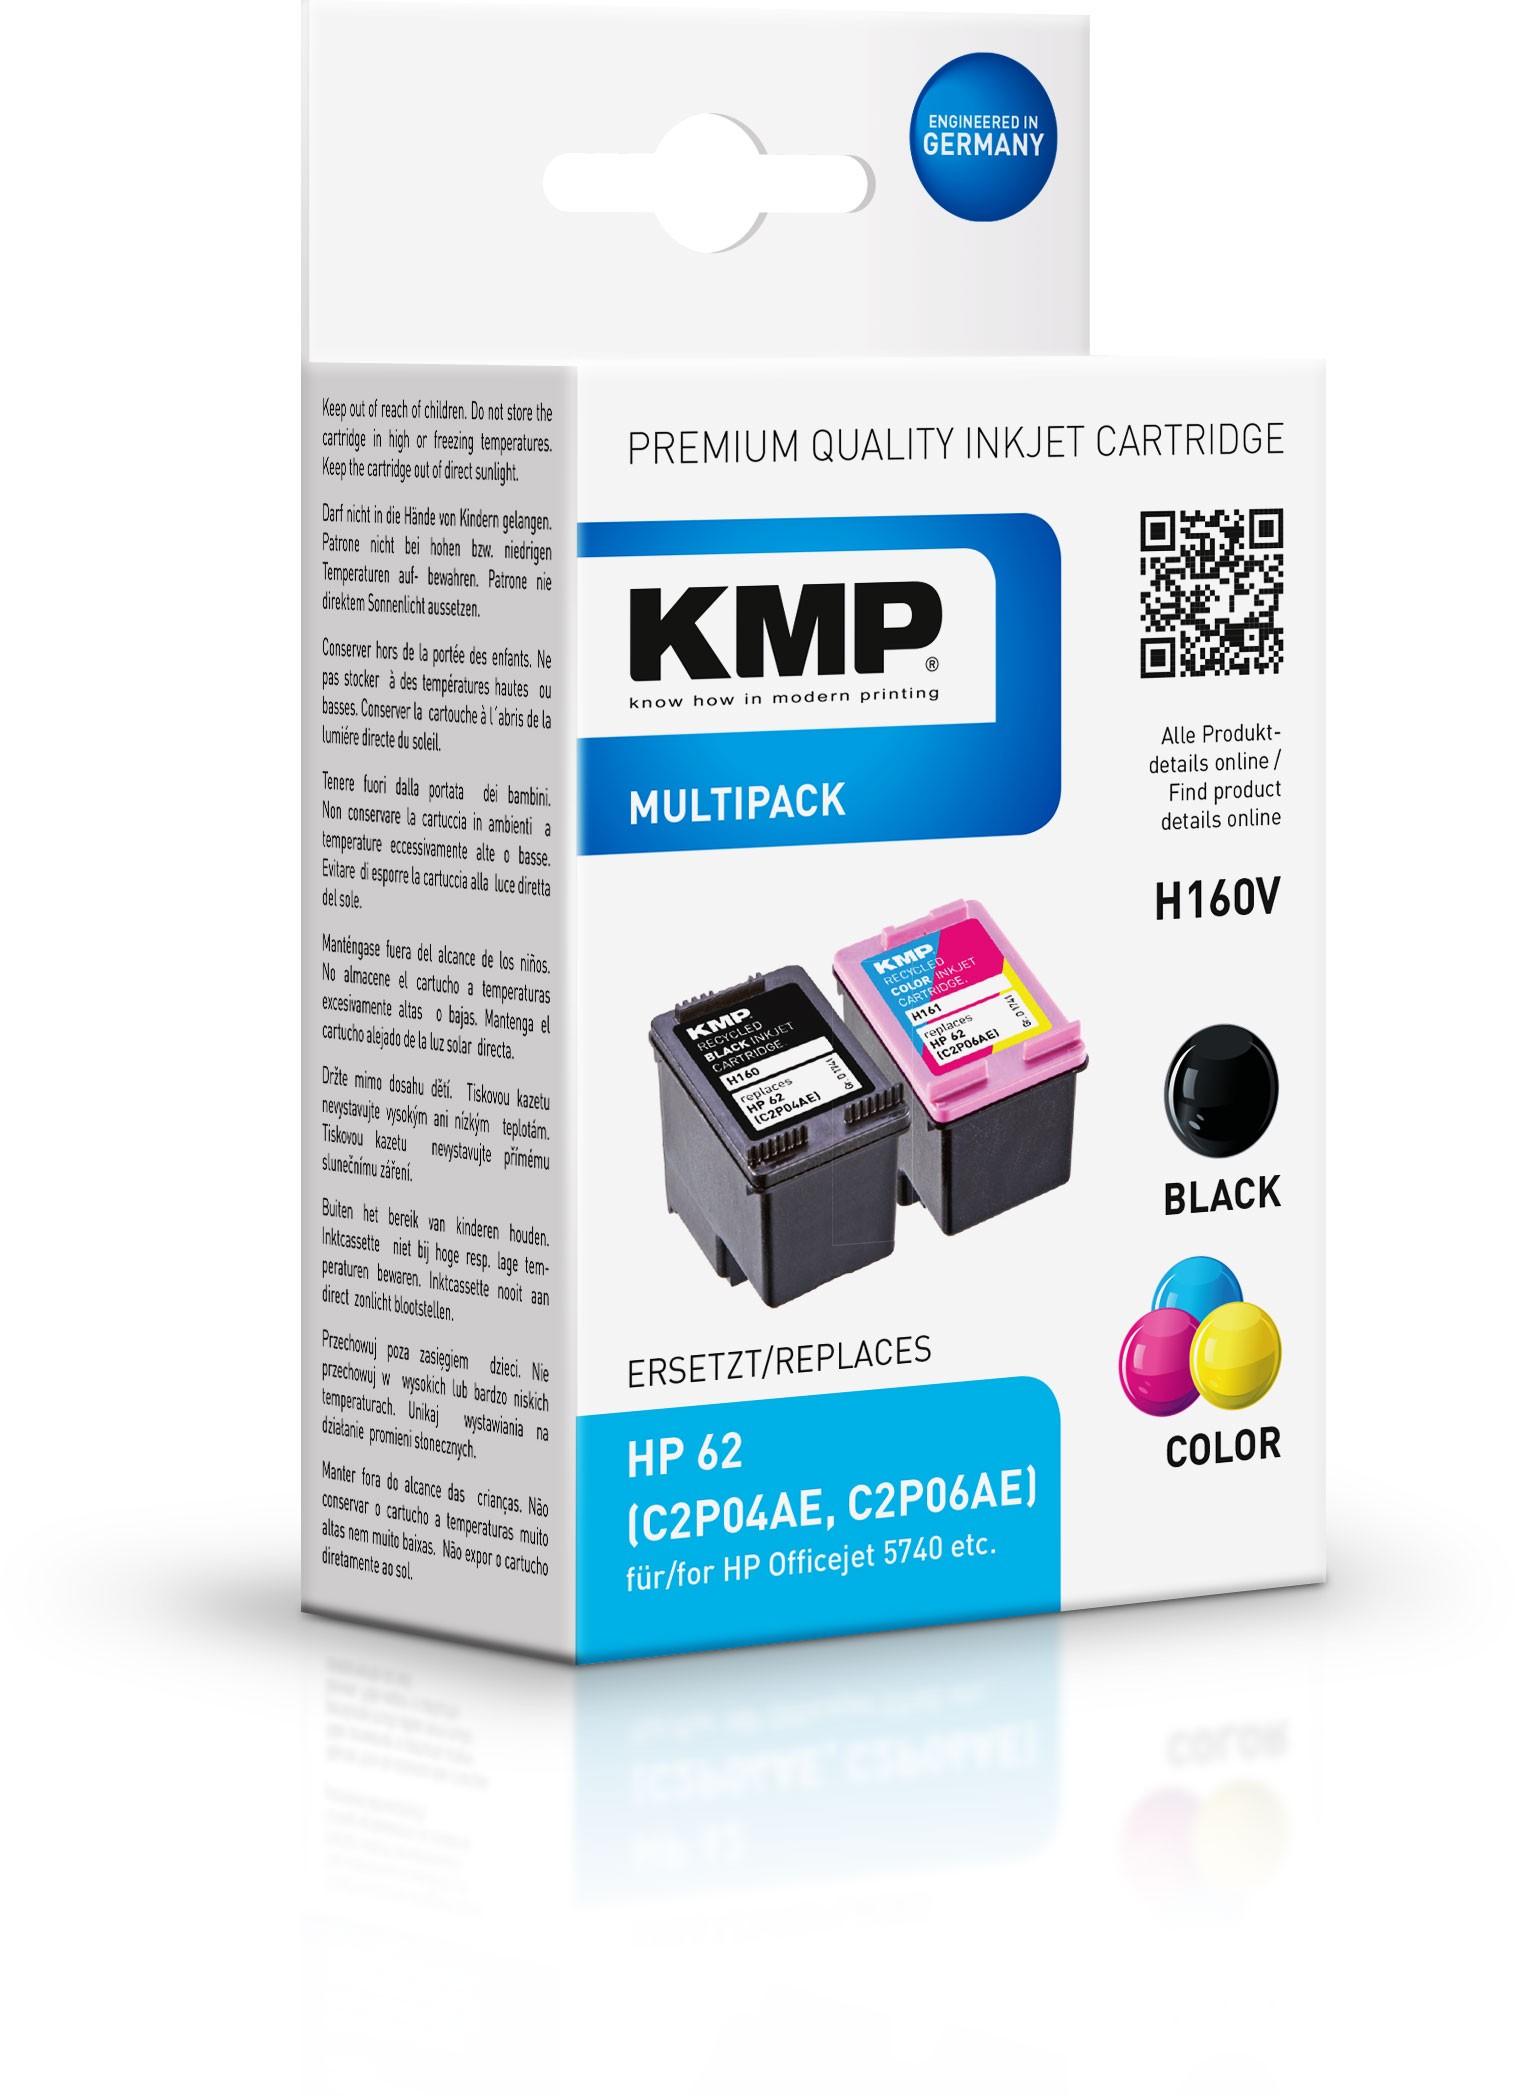 KMP Multipack H160V für HP 62 (C2P04AE, C2P06AE)